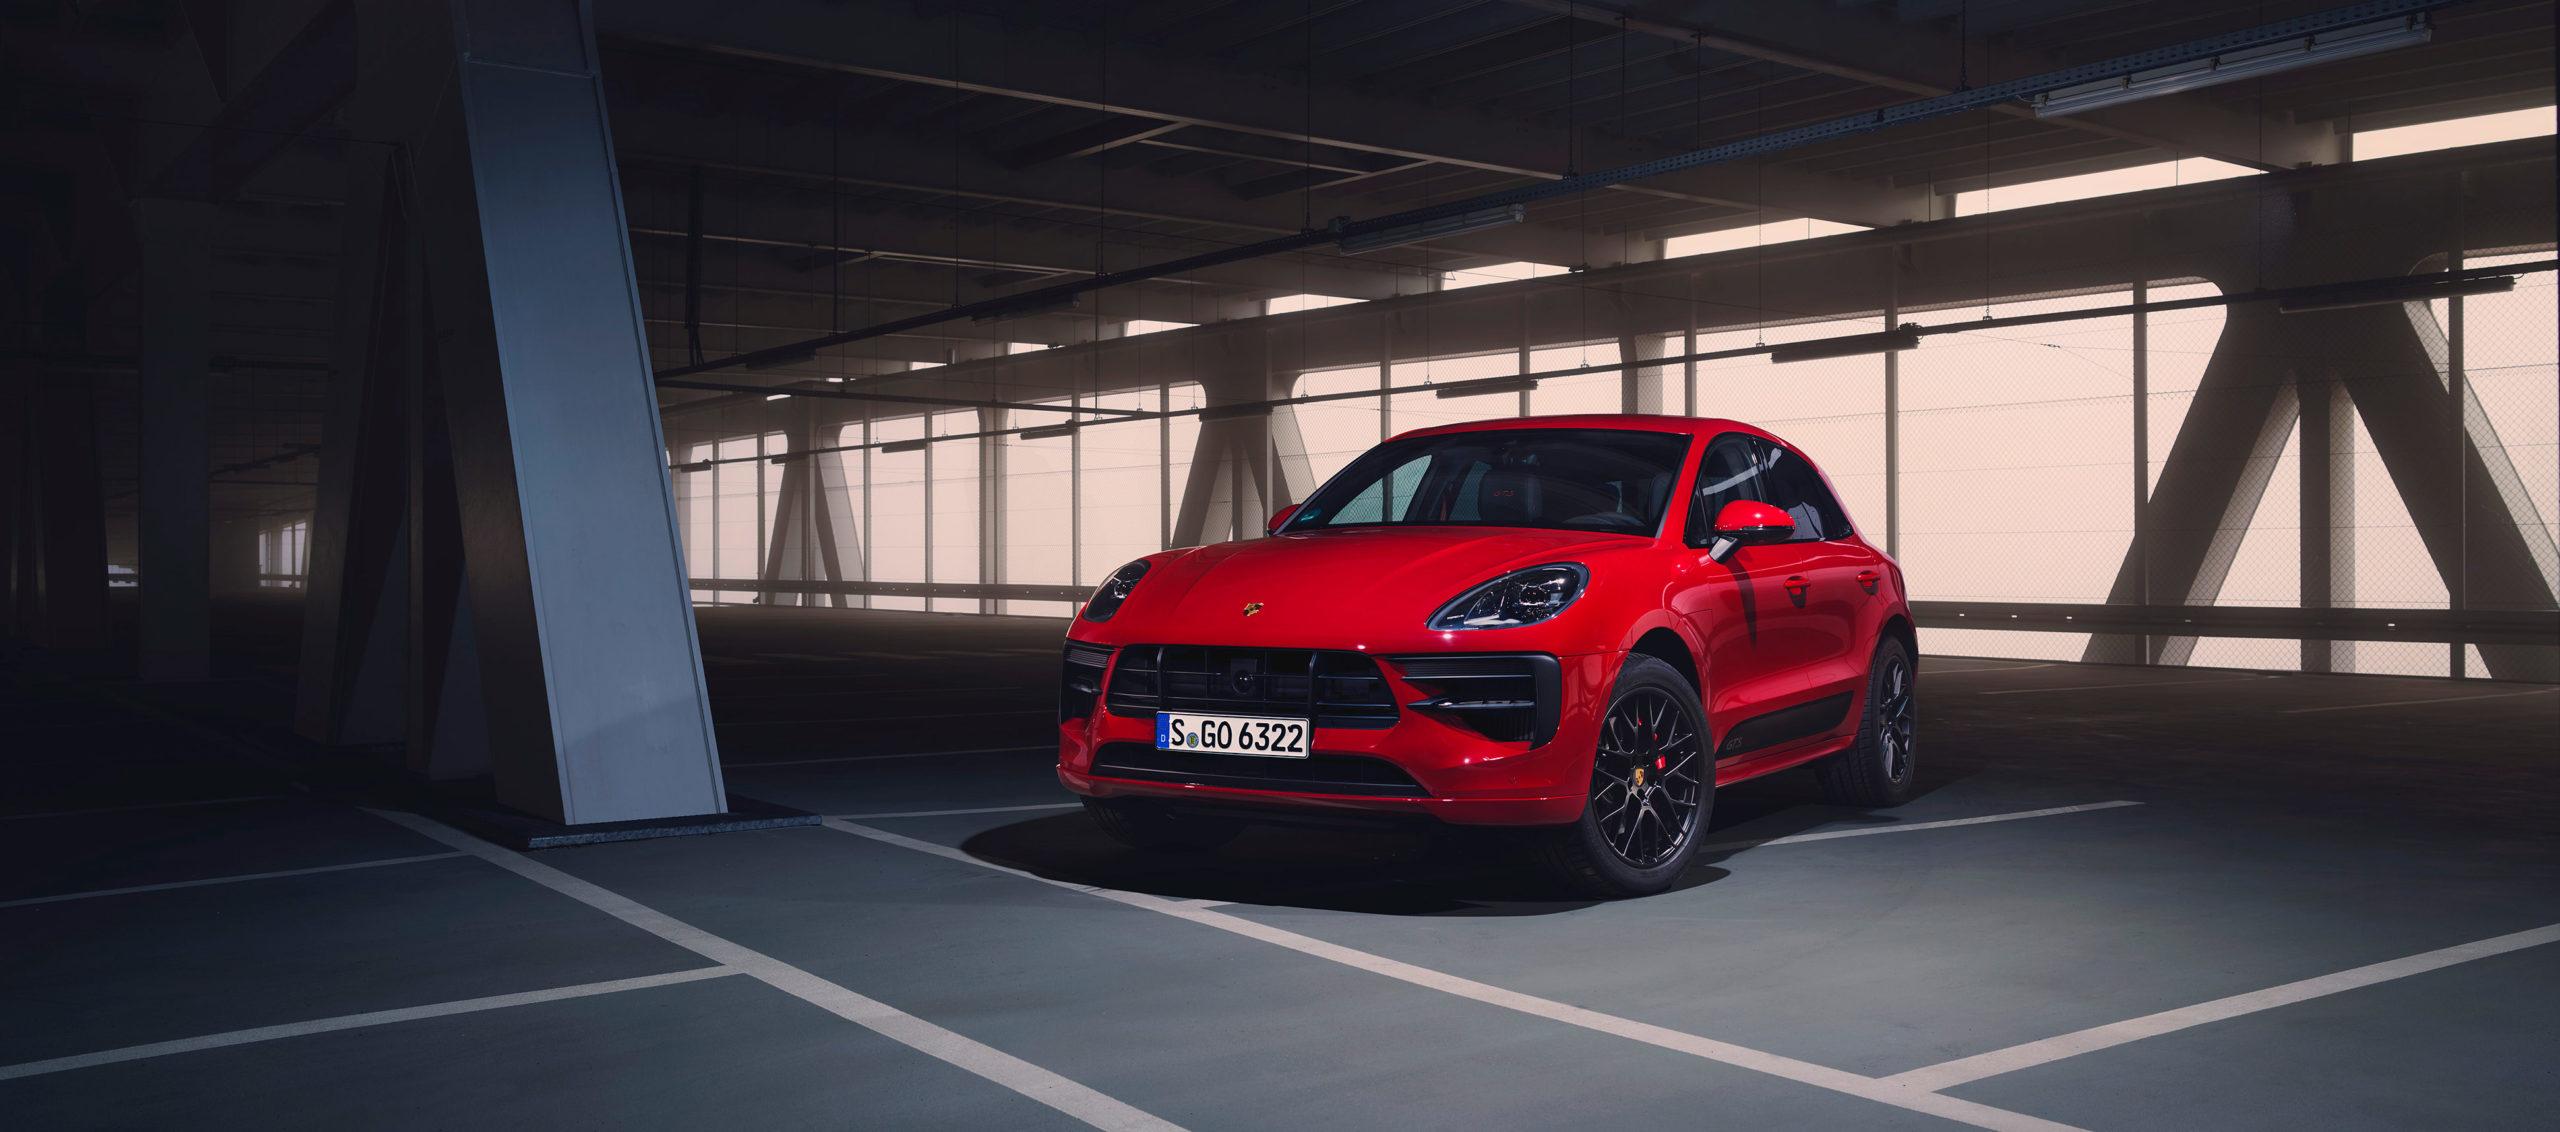 Nuevo Porsche Macan GTS, marcadamente deportivo